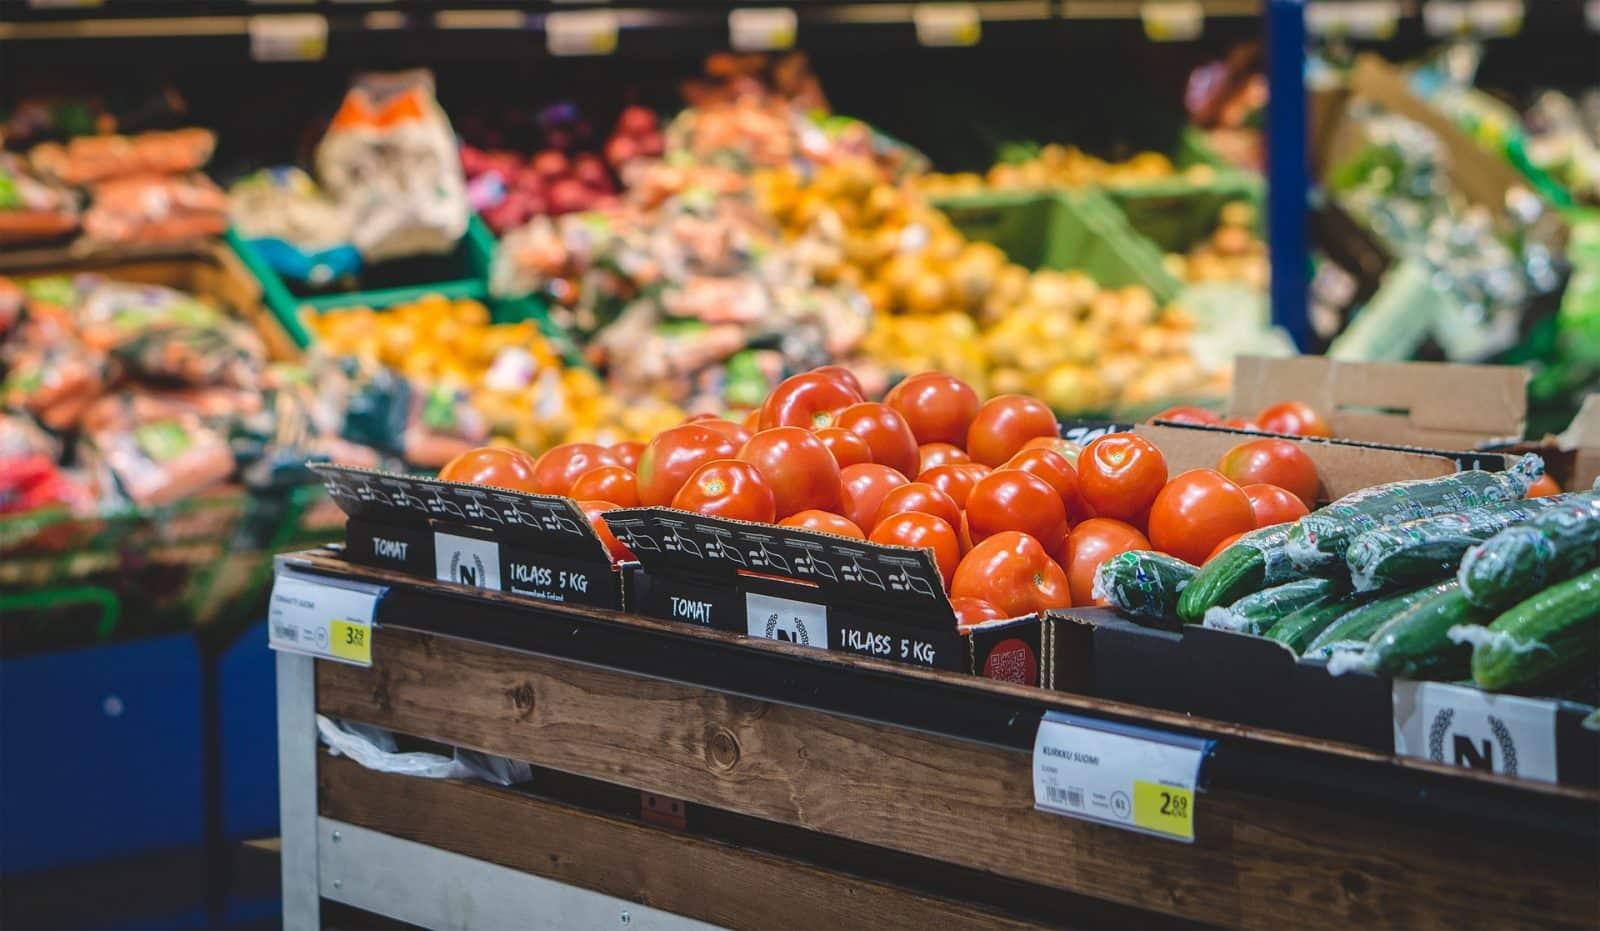 Qu'est-ce que l'inflation et son impact sur le pouvoir d'achat?